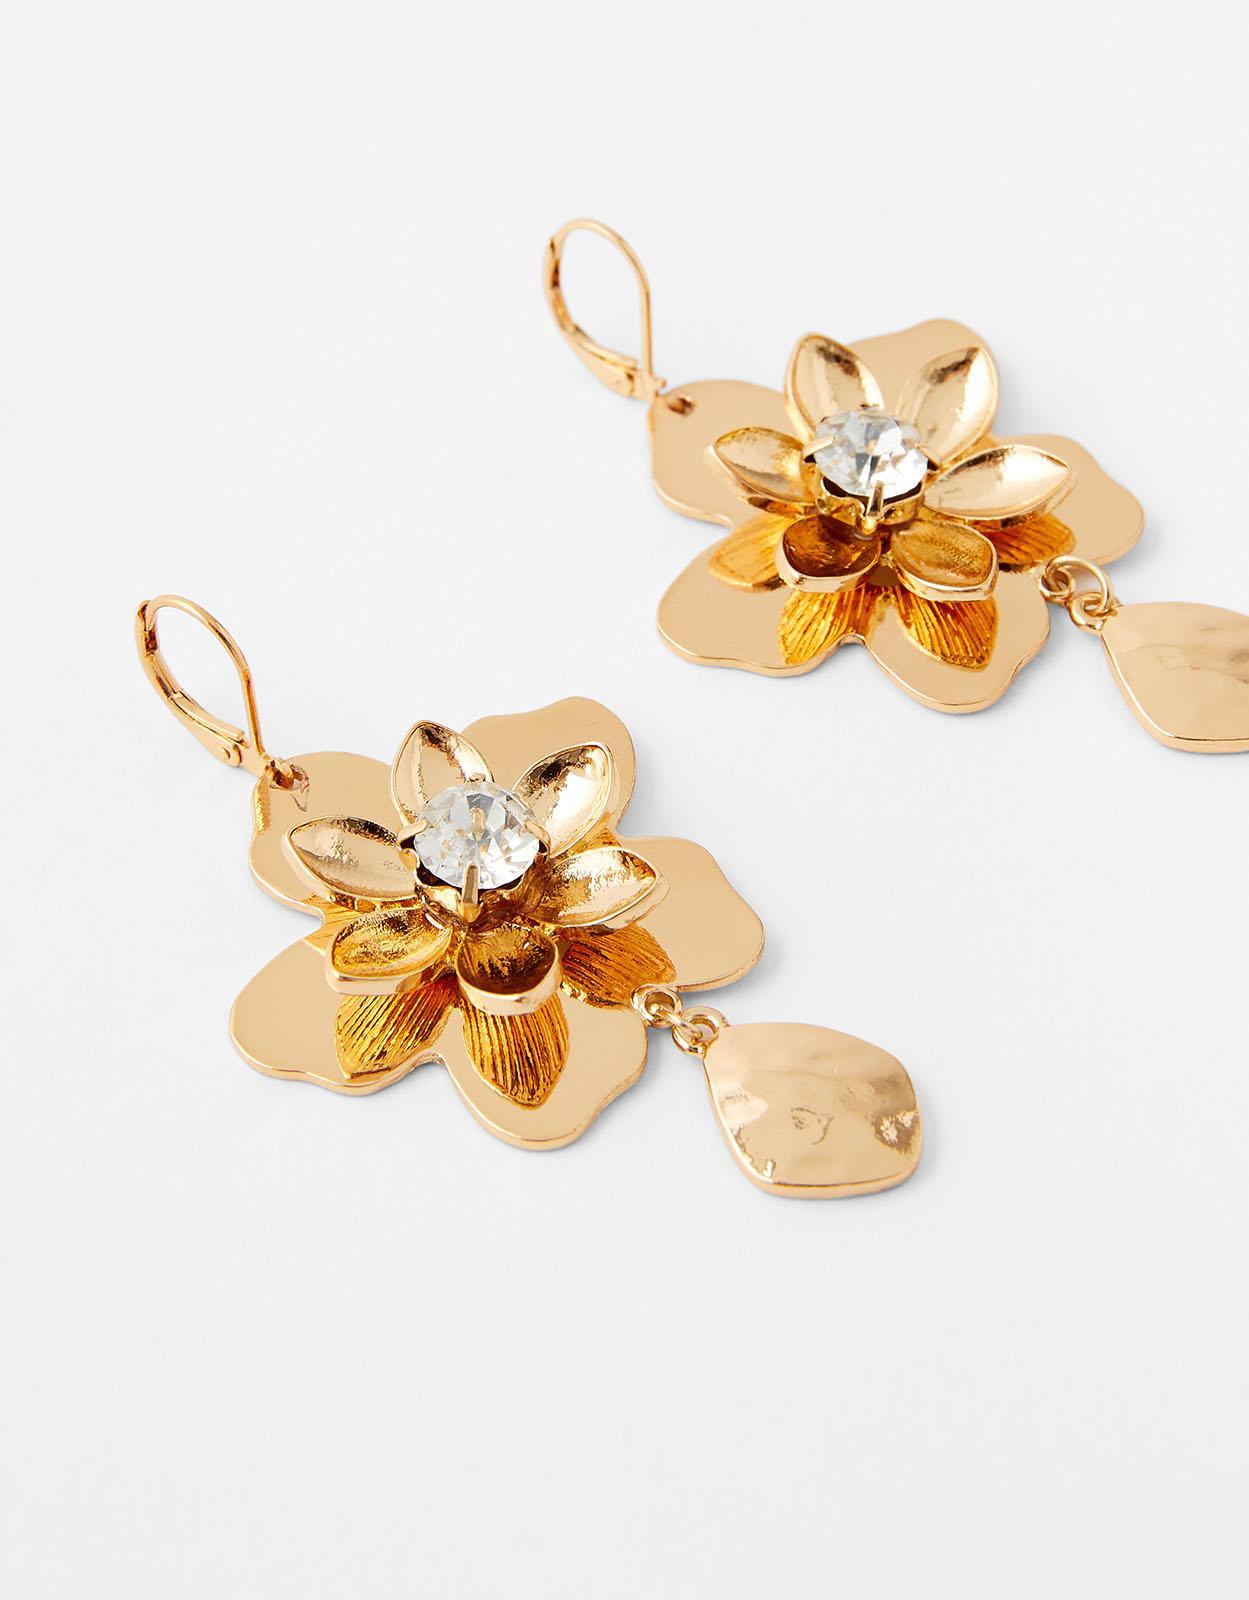 Earrings from Accessorize